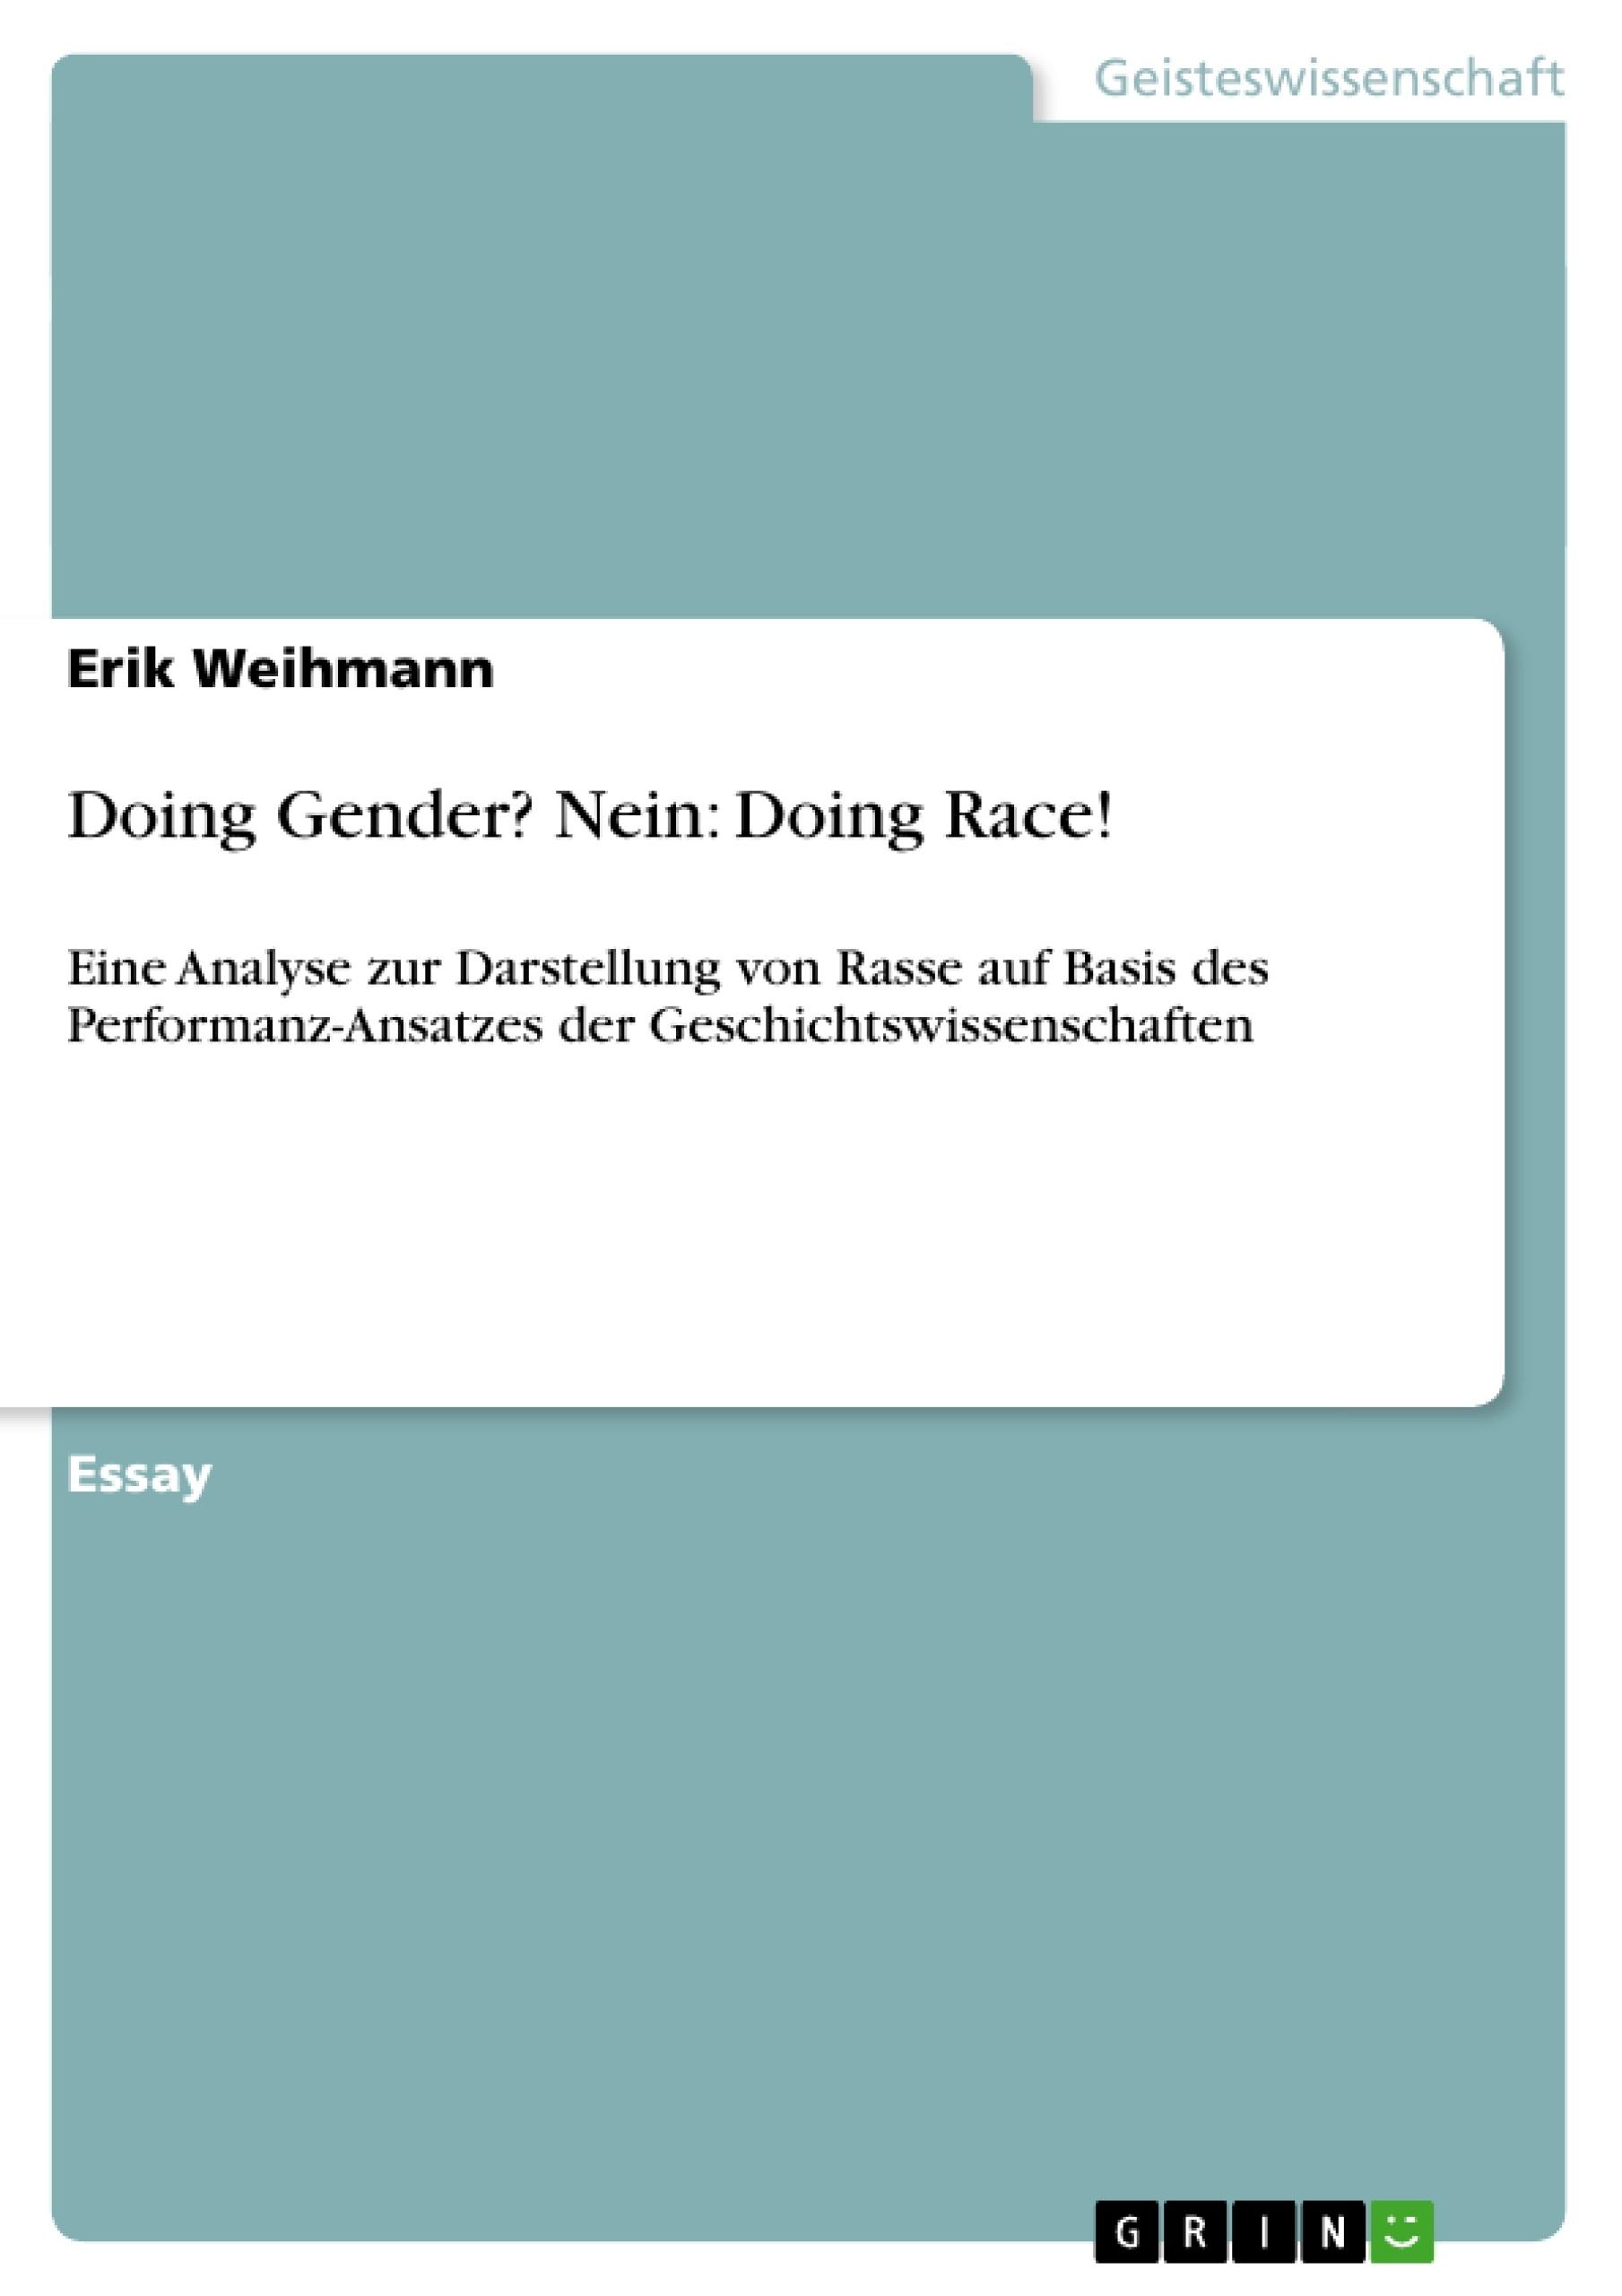 Titel: Doing Gender? Nein: Doing Race!